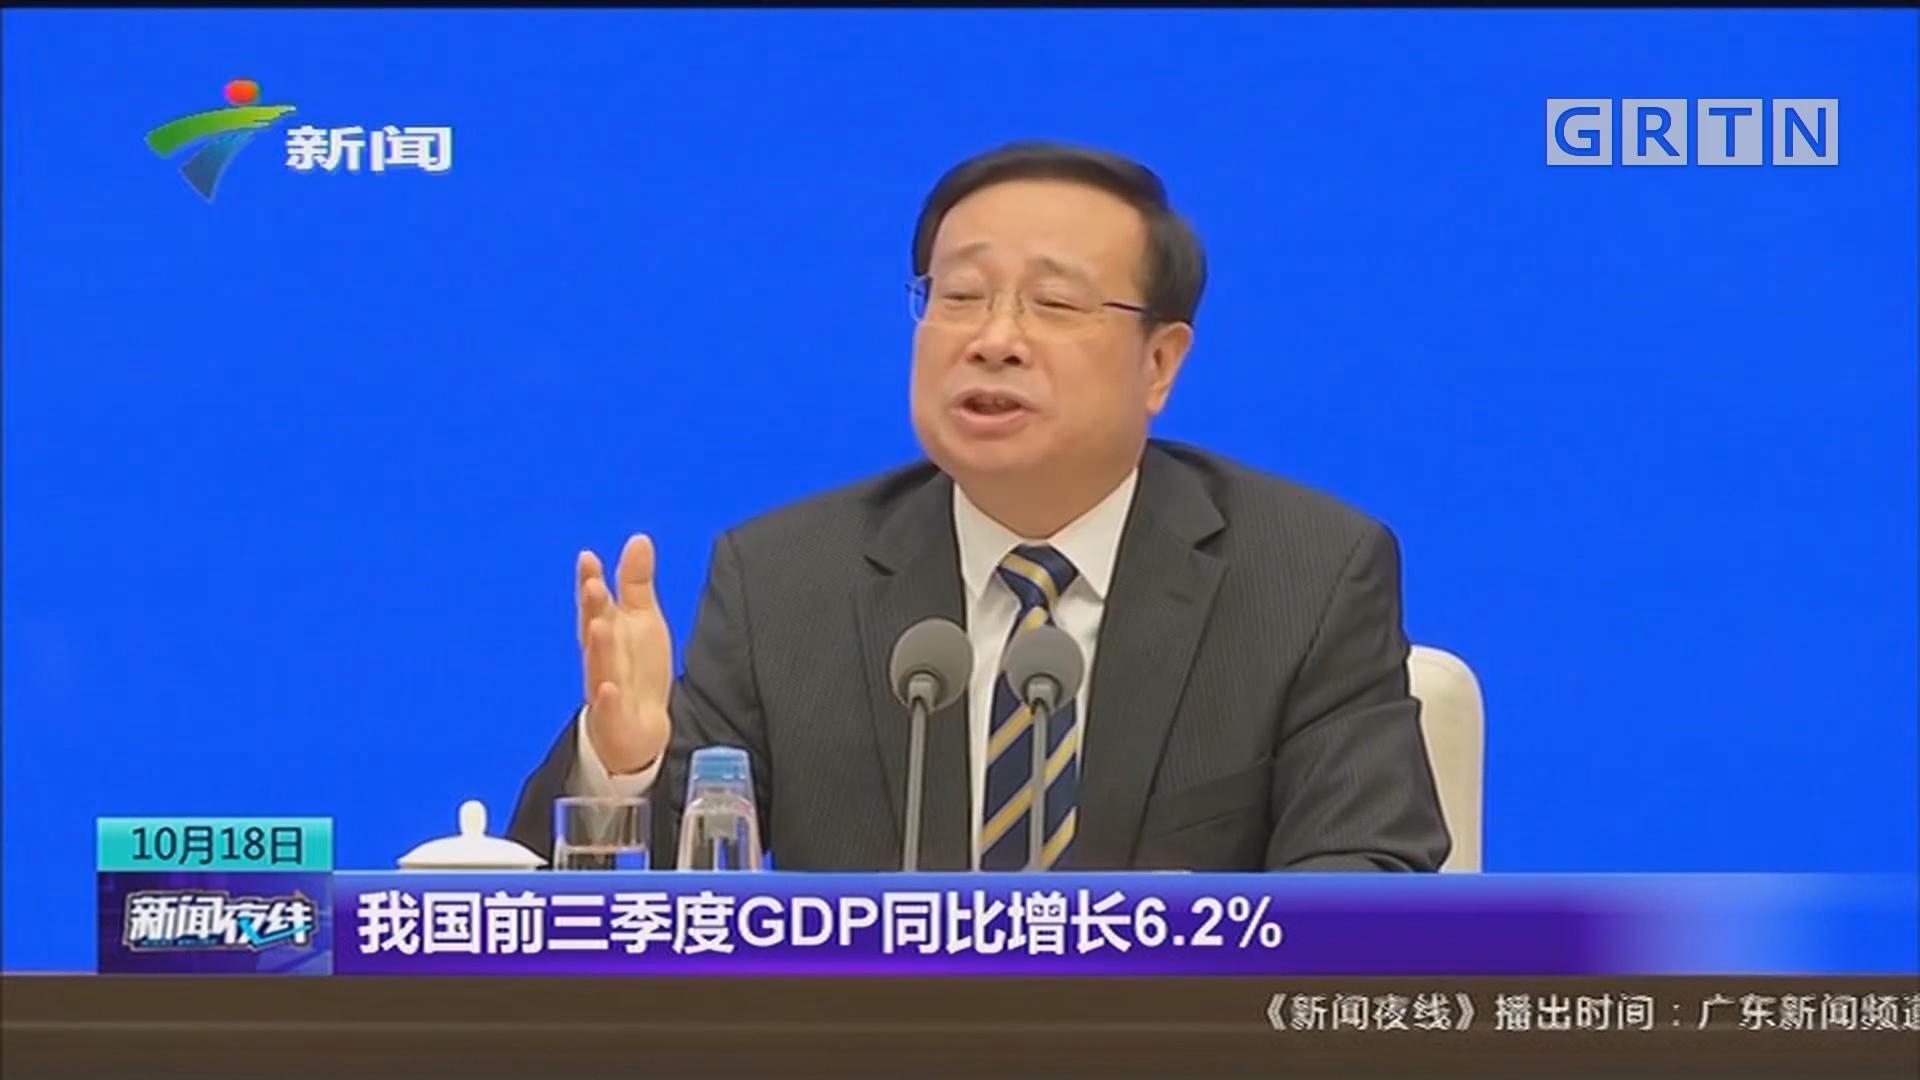 我国前三季度GDP同比增长6.2%